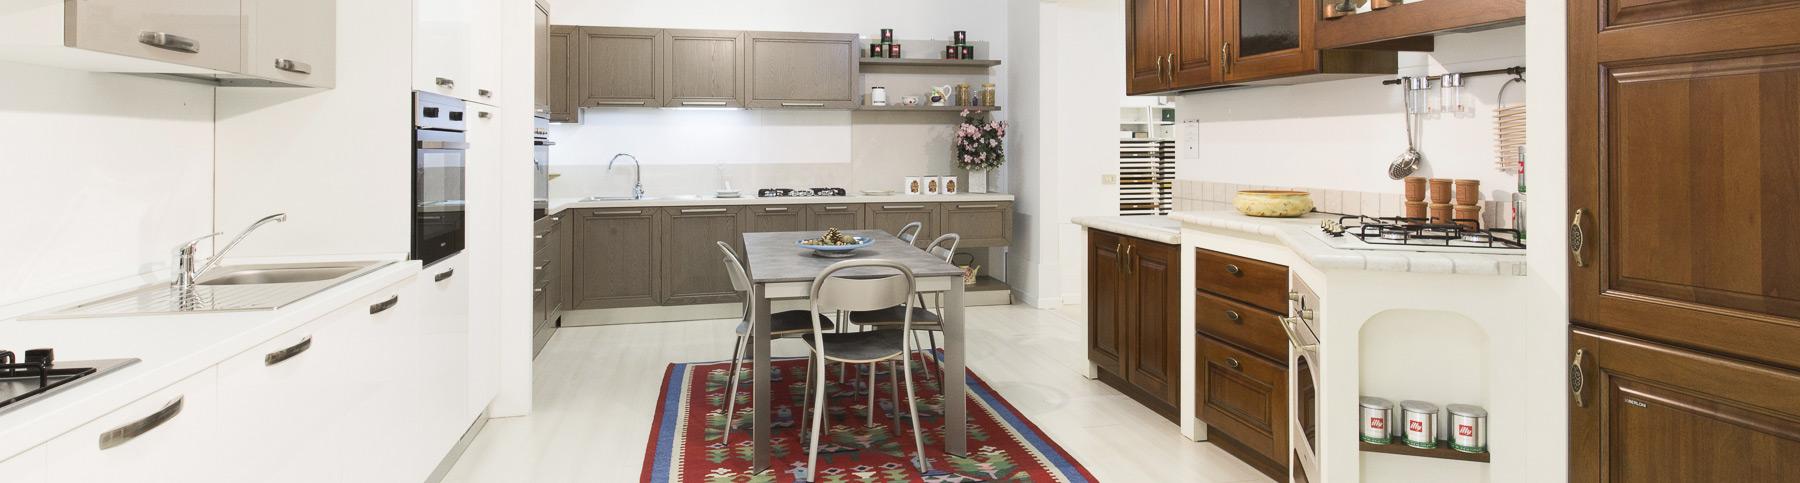 Arredamenti Brescia – Cucine – Mobili Brescia - Divani